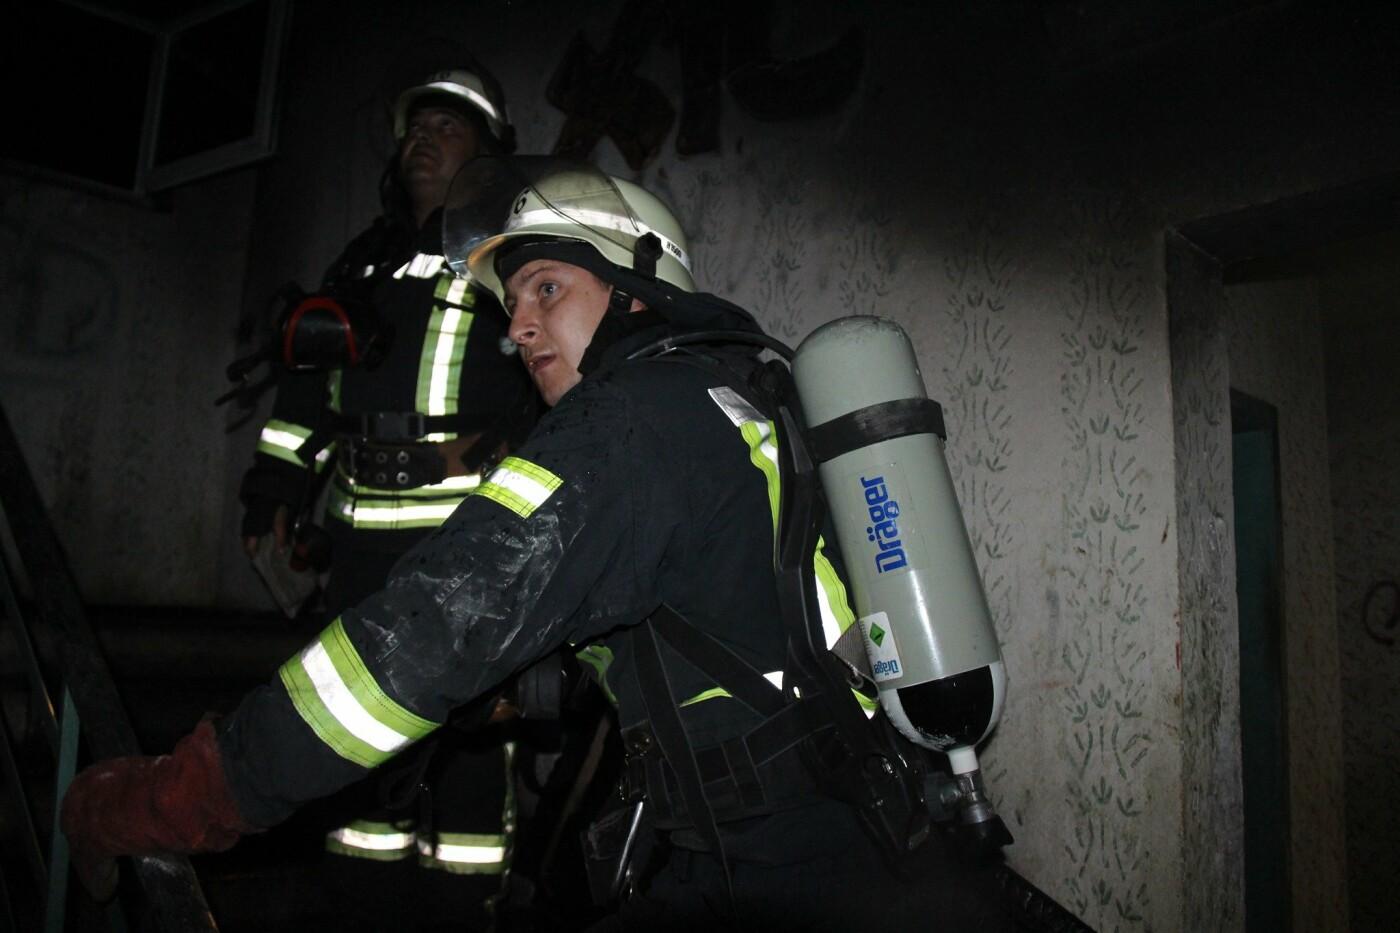 В Киеве на Троещине горела девятиэтажка: из-за пожара эвакуировали жильцов , - ФОТО, фото-4